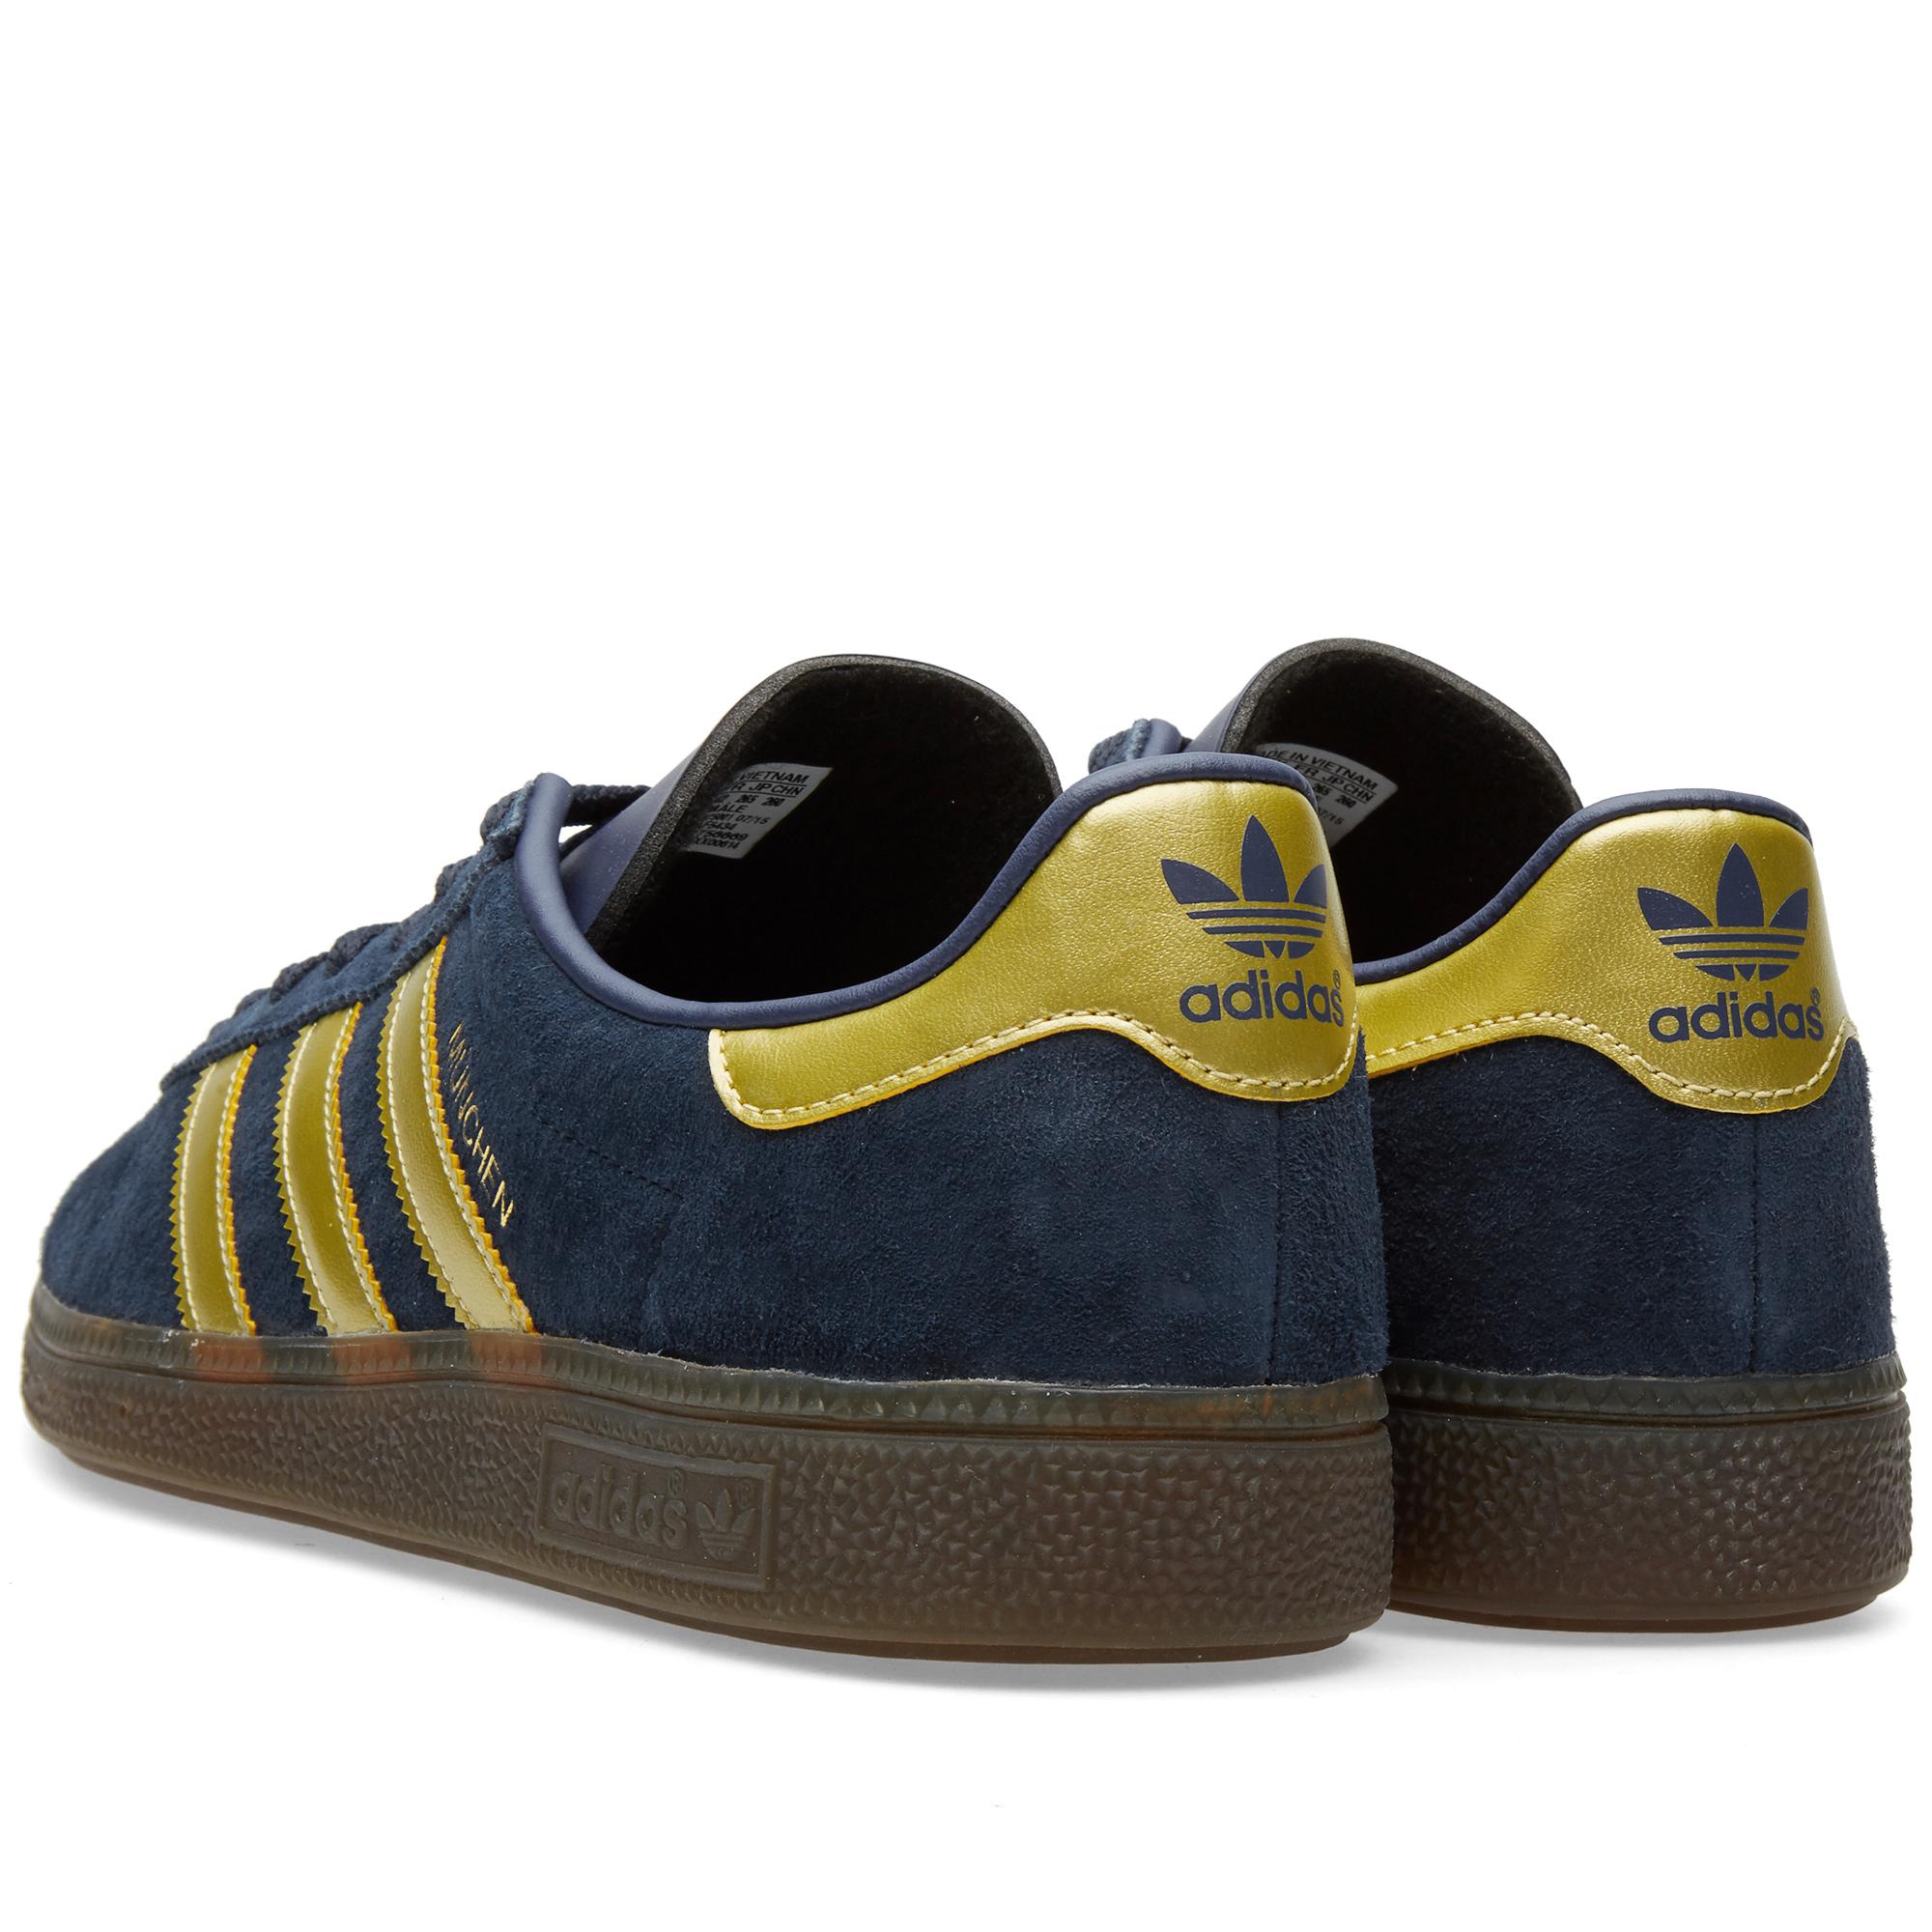 Adidas München Spezial